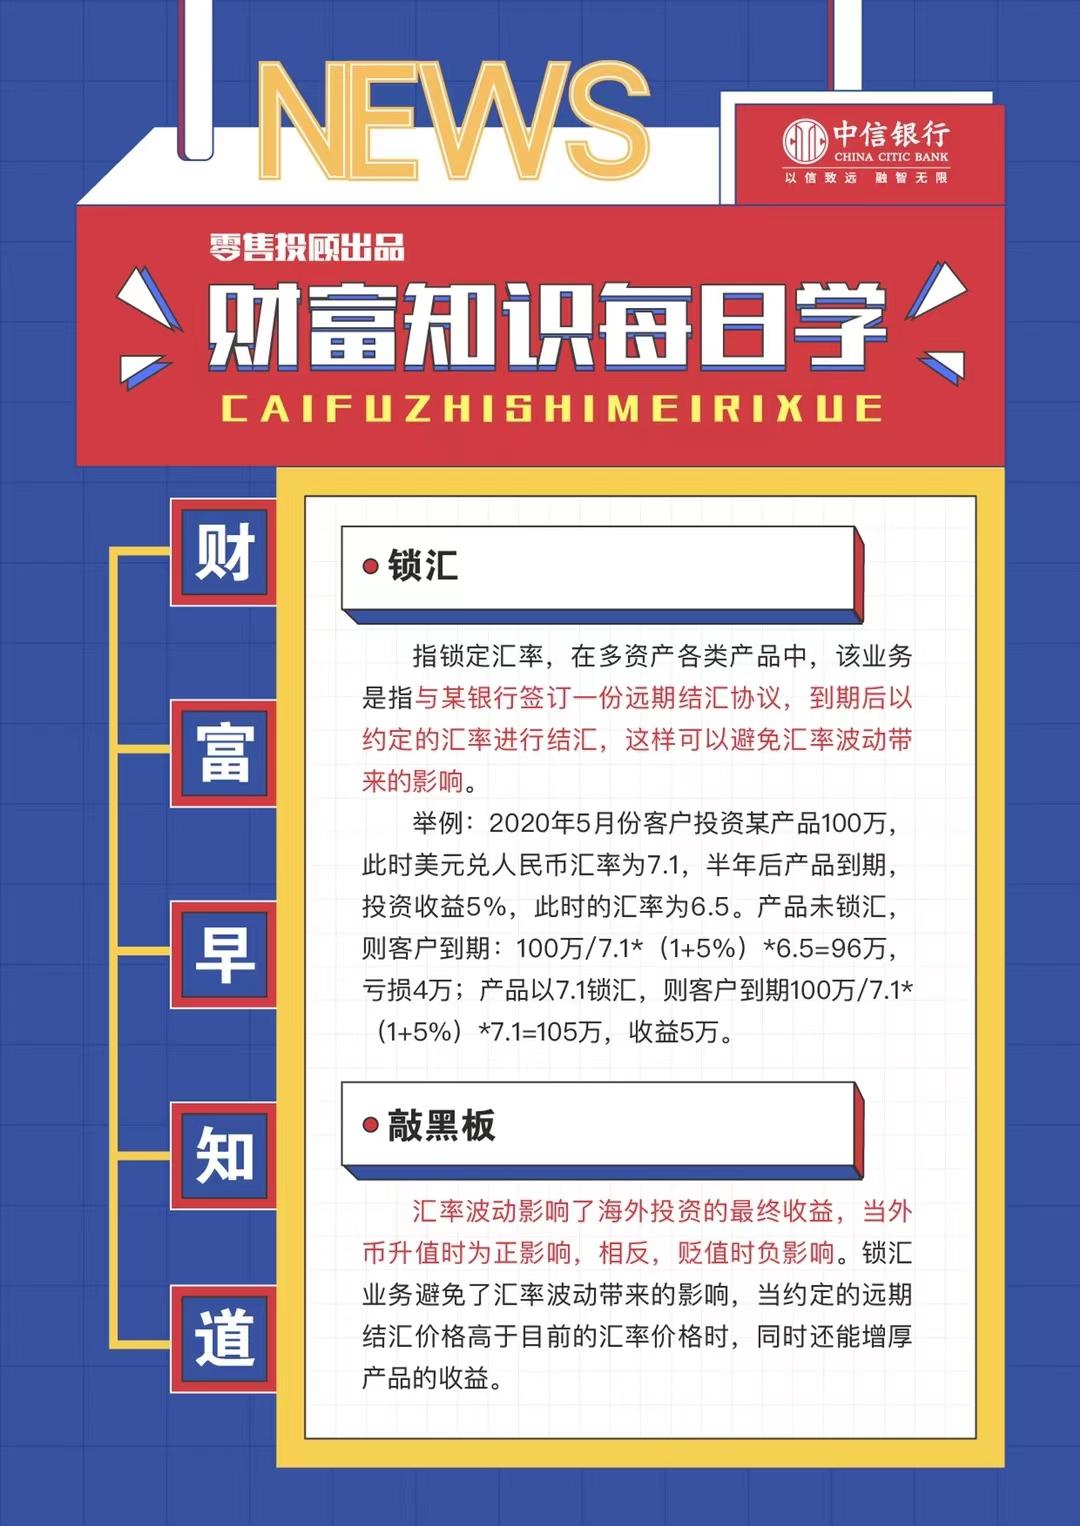 中信银行郑州分行财富知识每日学(2021.1.27)